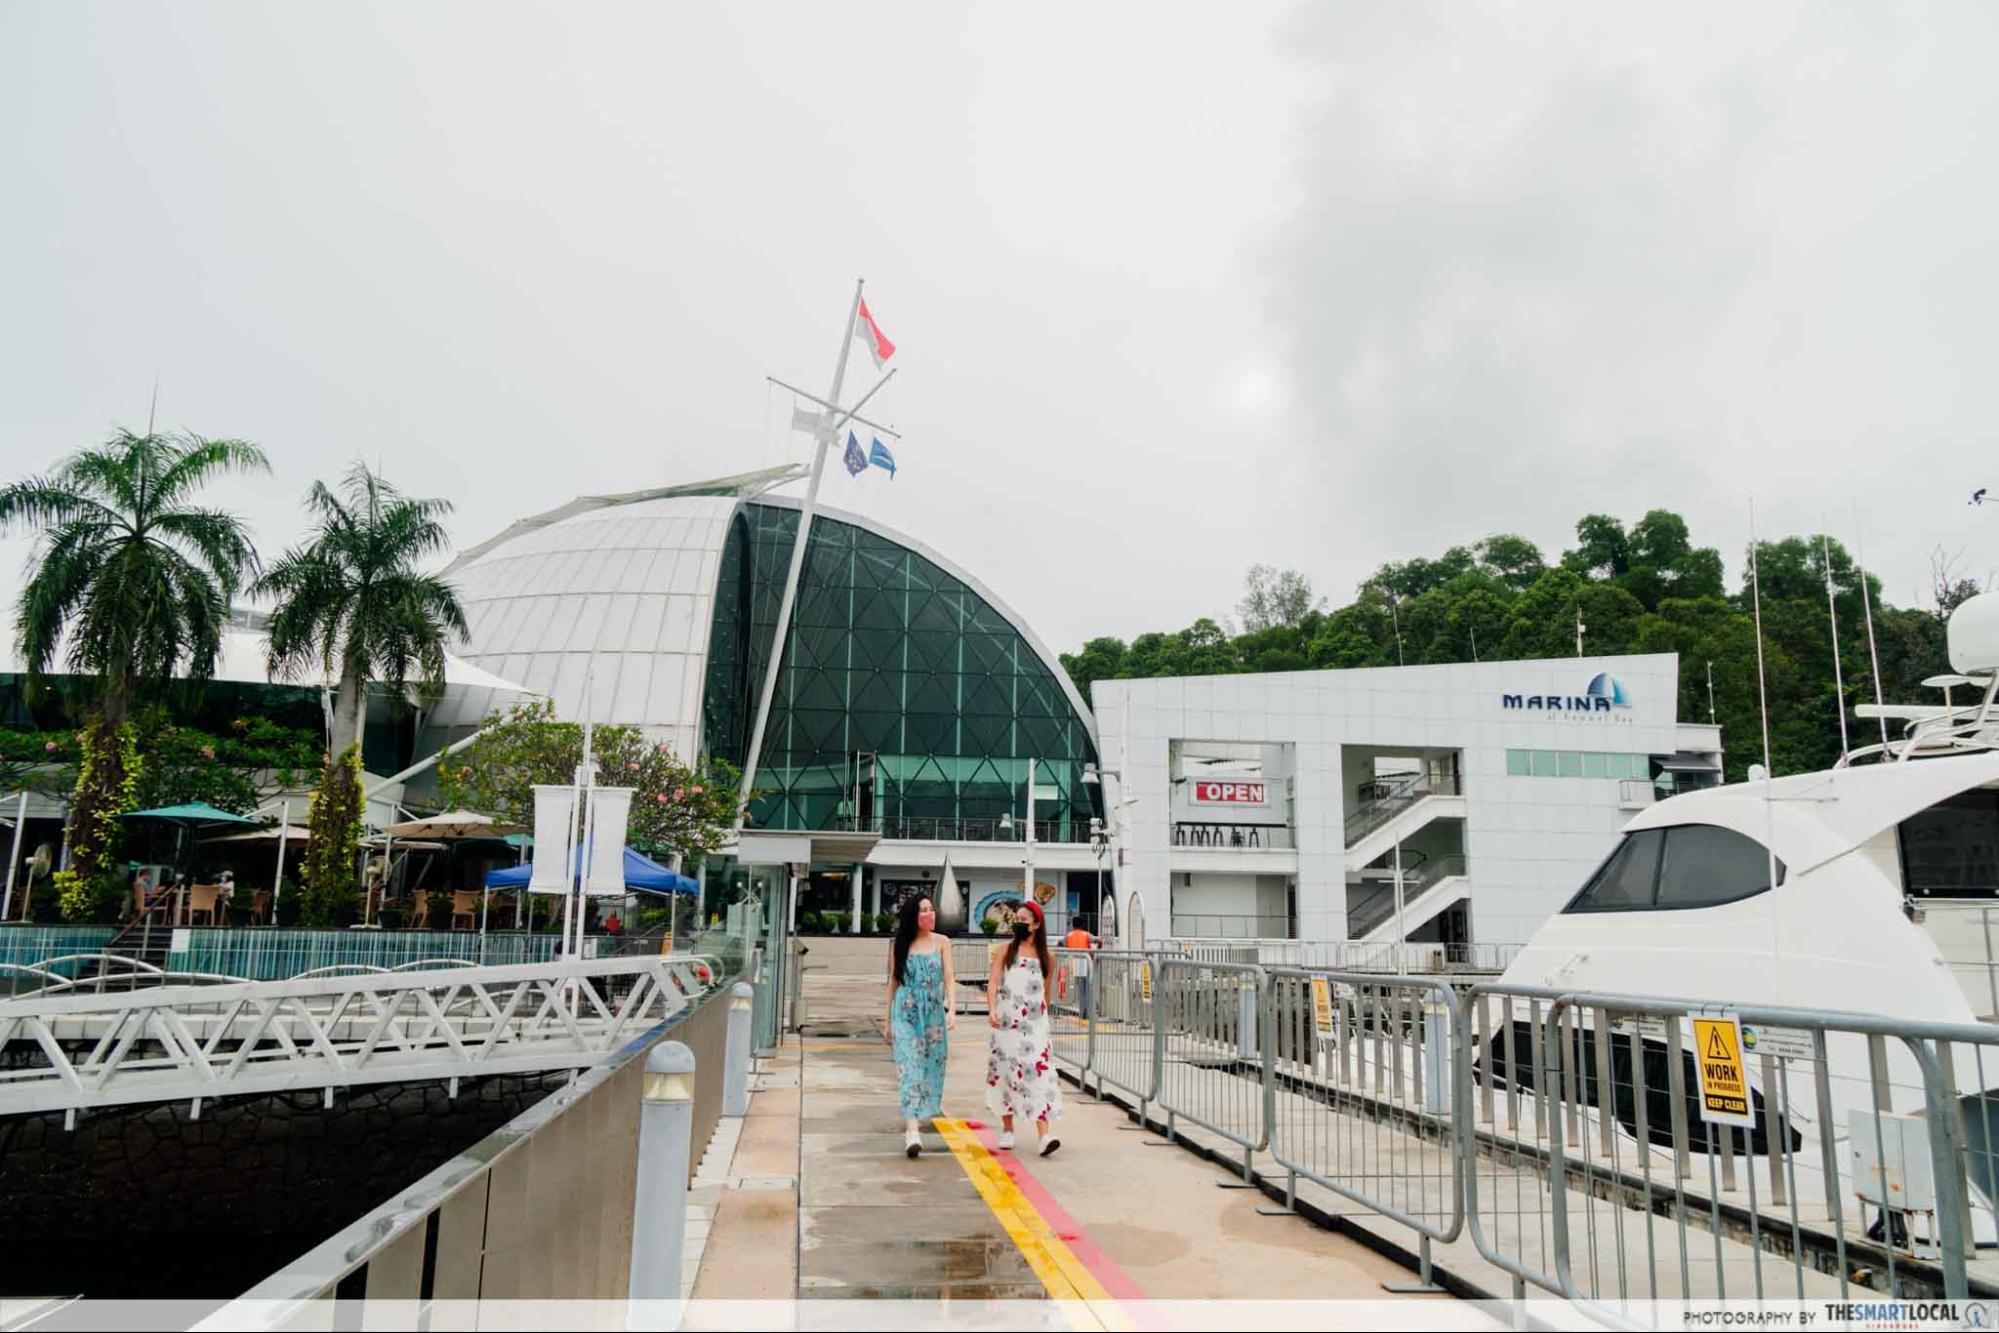 Marina at Keppel Bay - Singapore